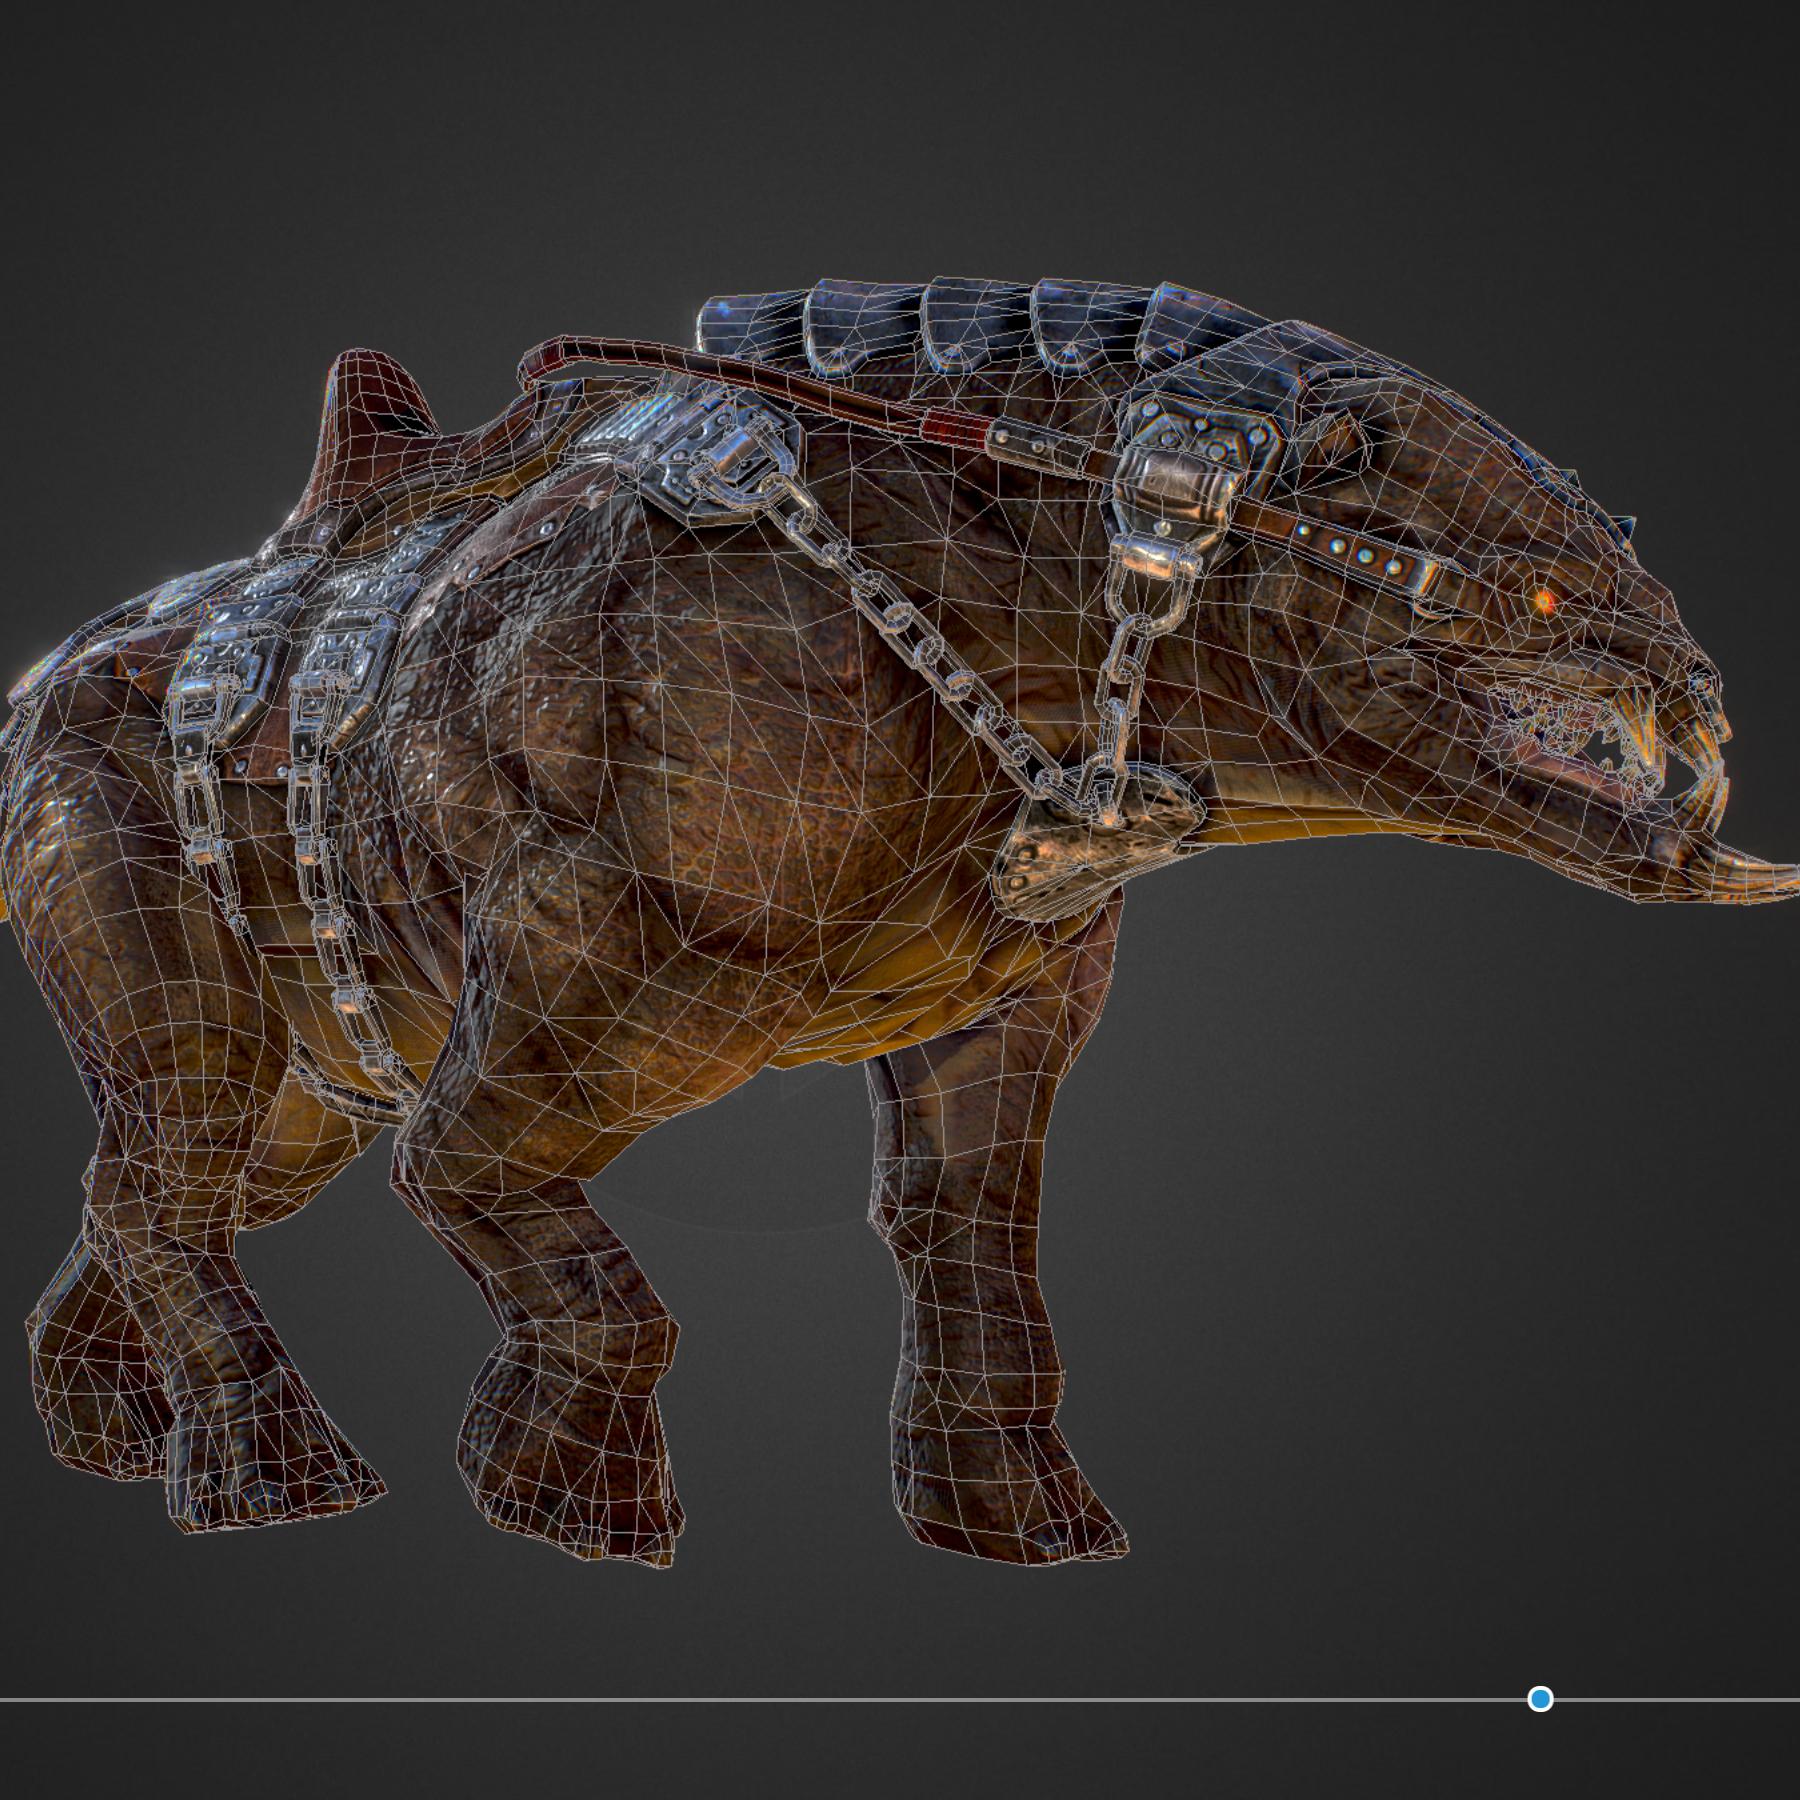 creature mount mastodont 3d model max  fbx ma mb obj 272426